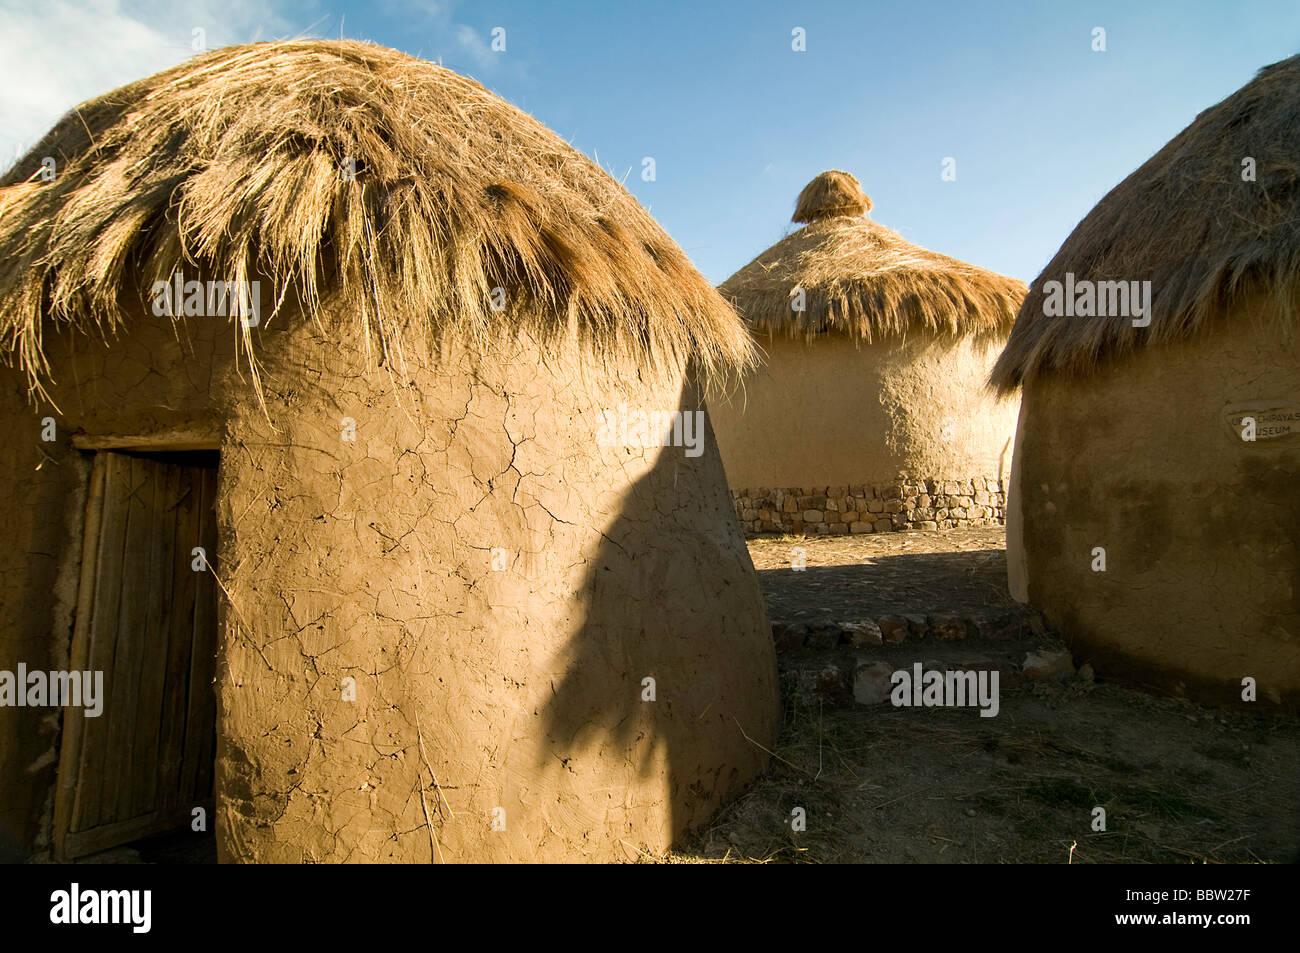 bolivia local architecture huts touristic destination south america